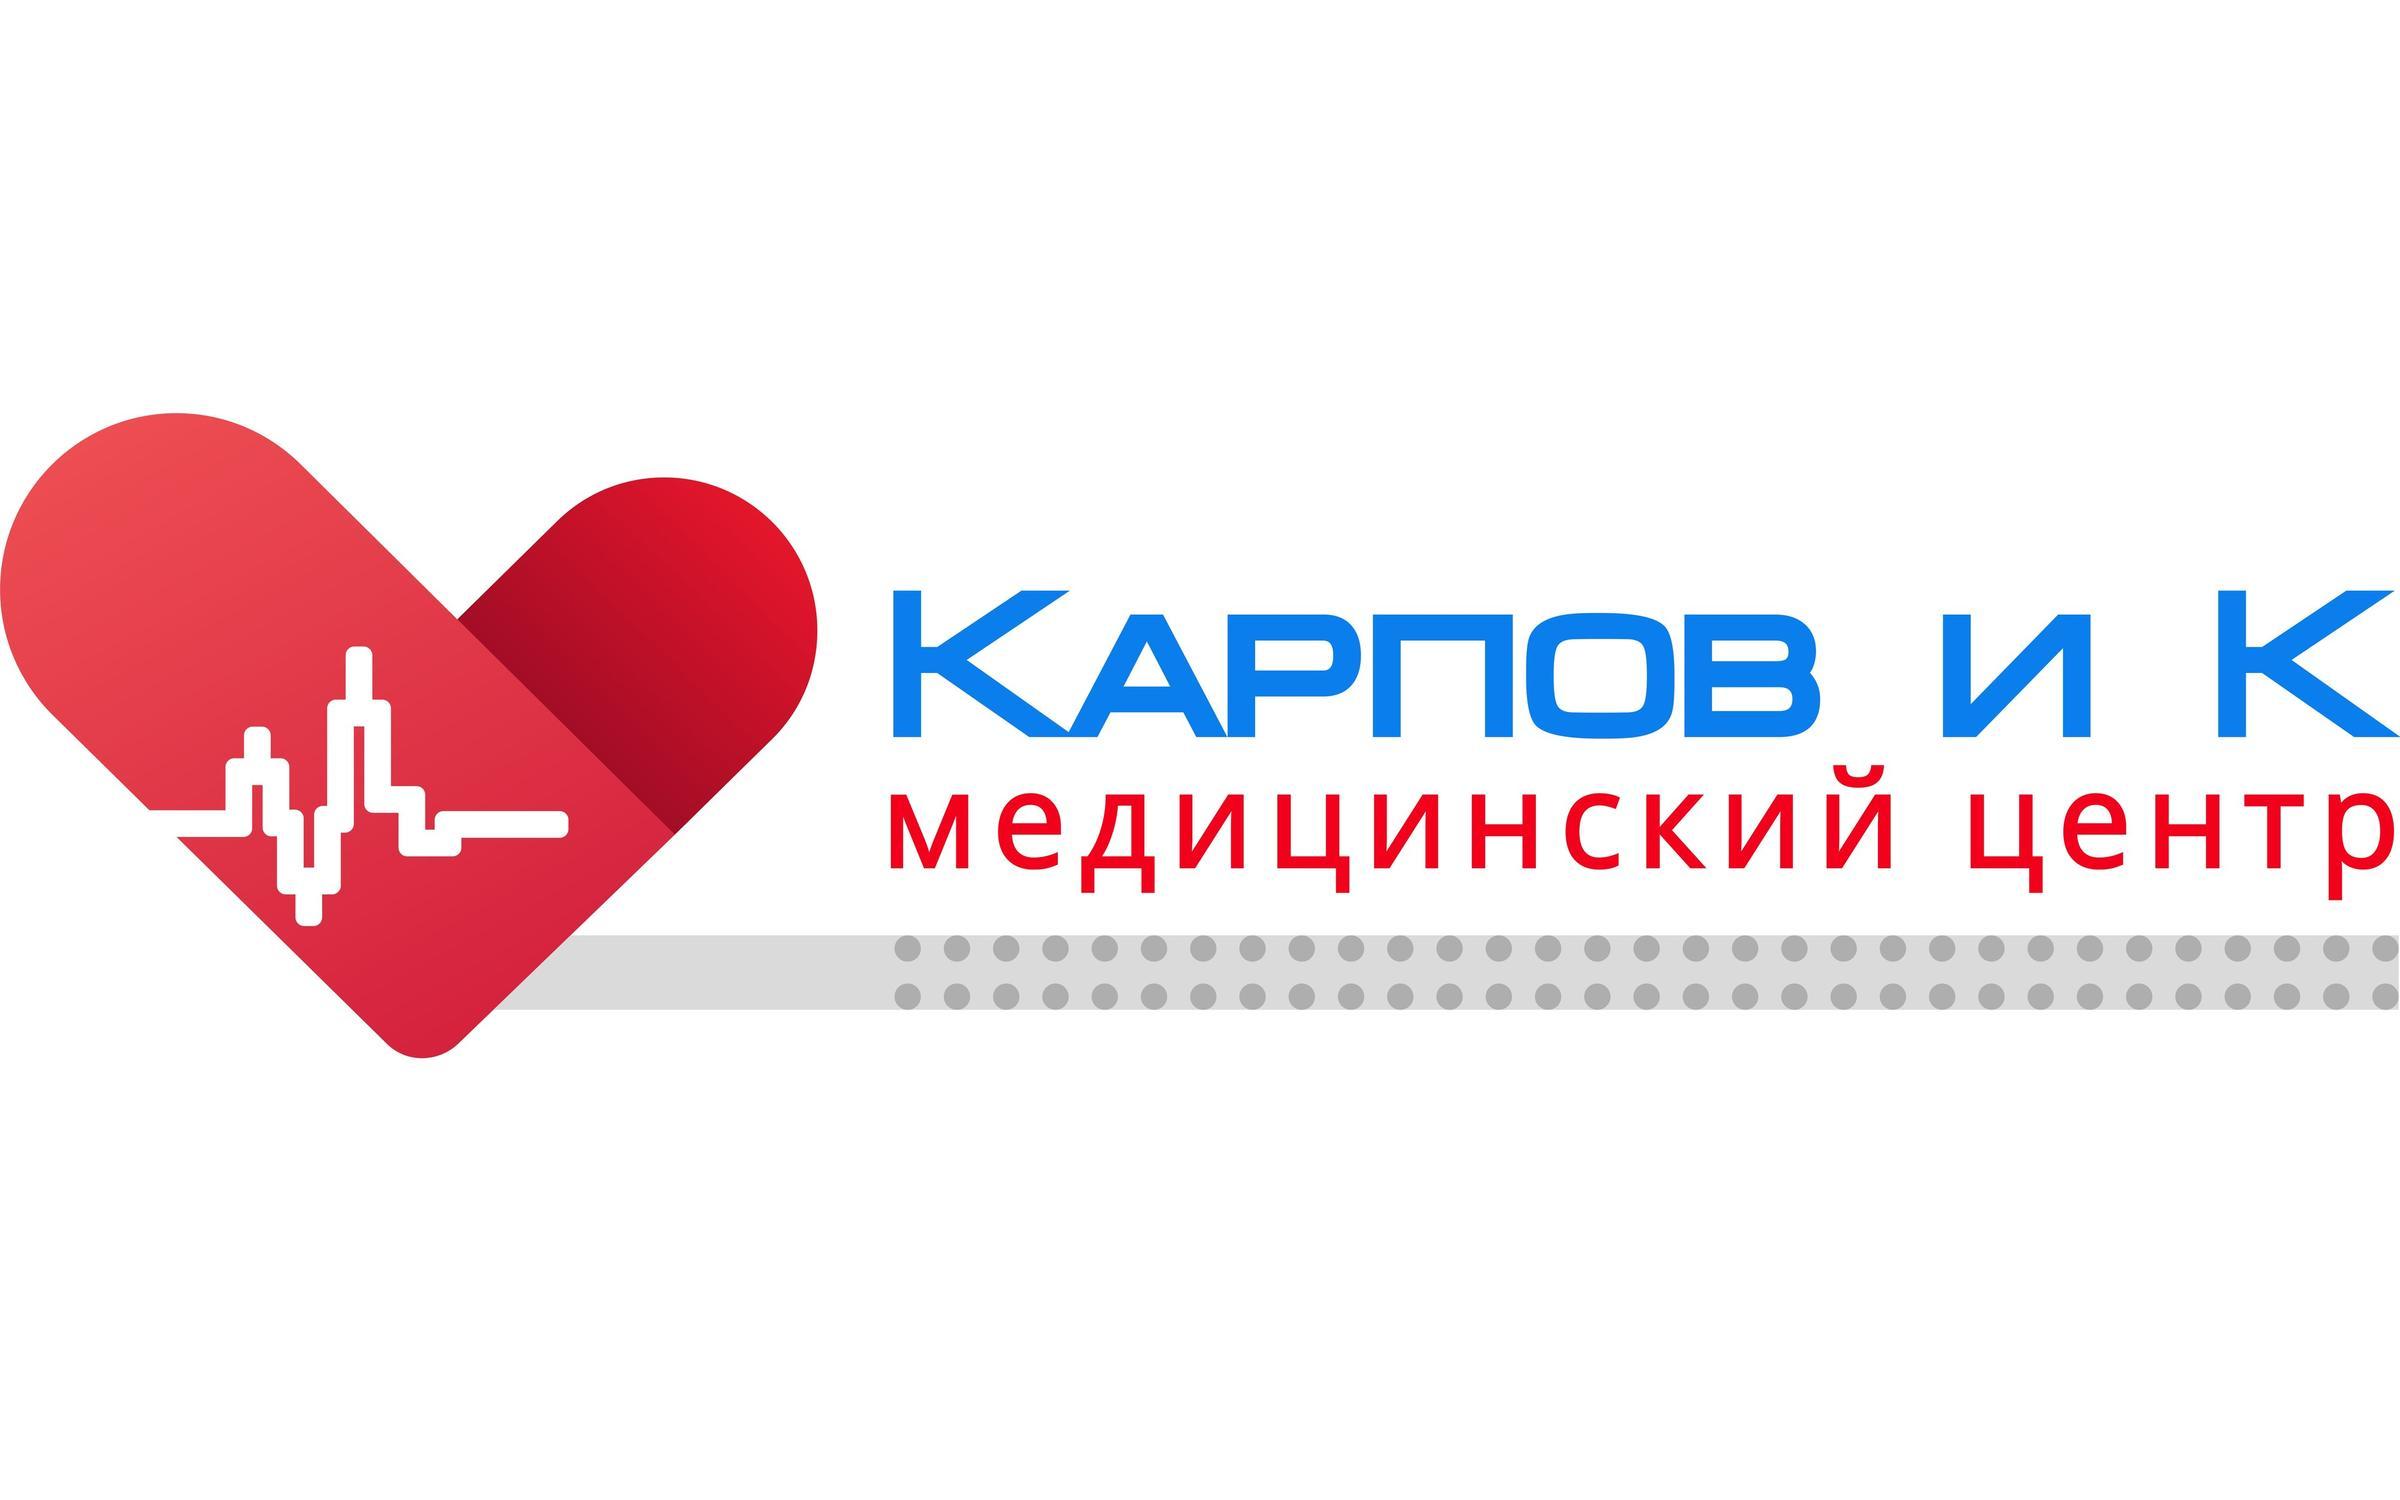 Карпов и компания абакан официальный сайт продвижение сайтов в г с петербурге